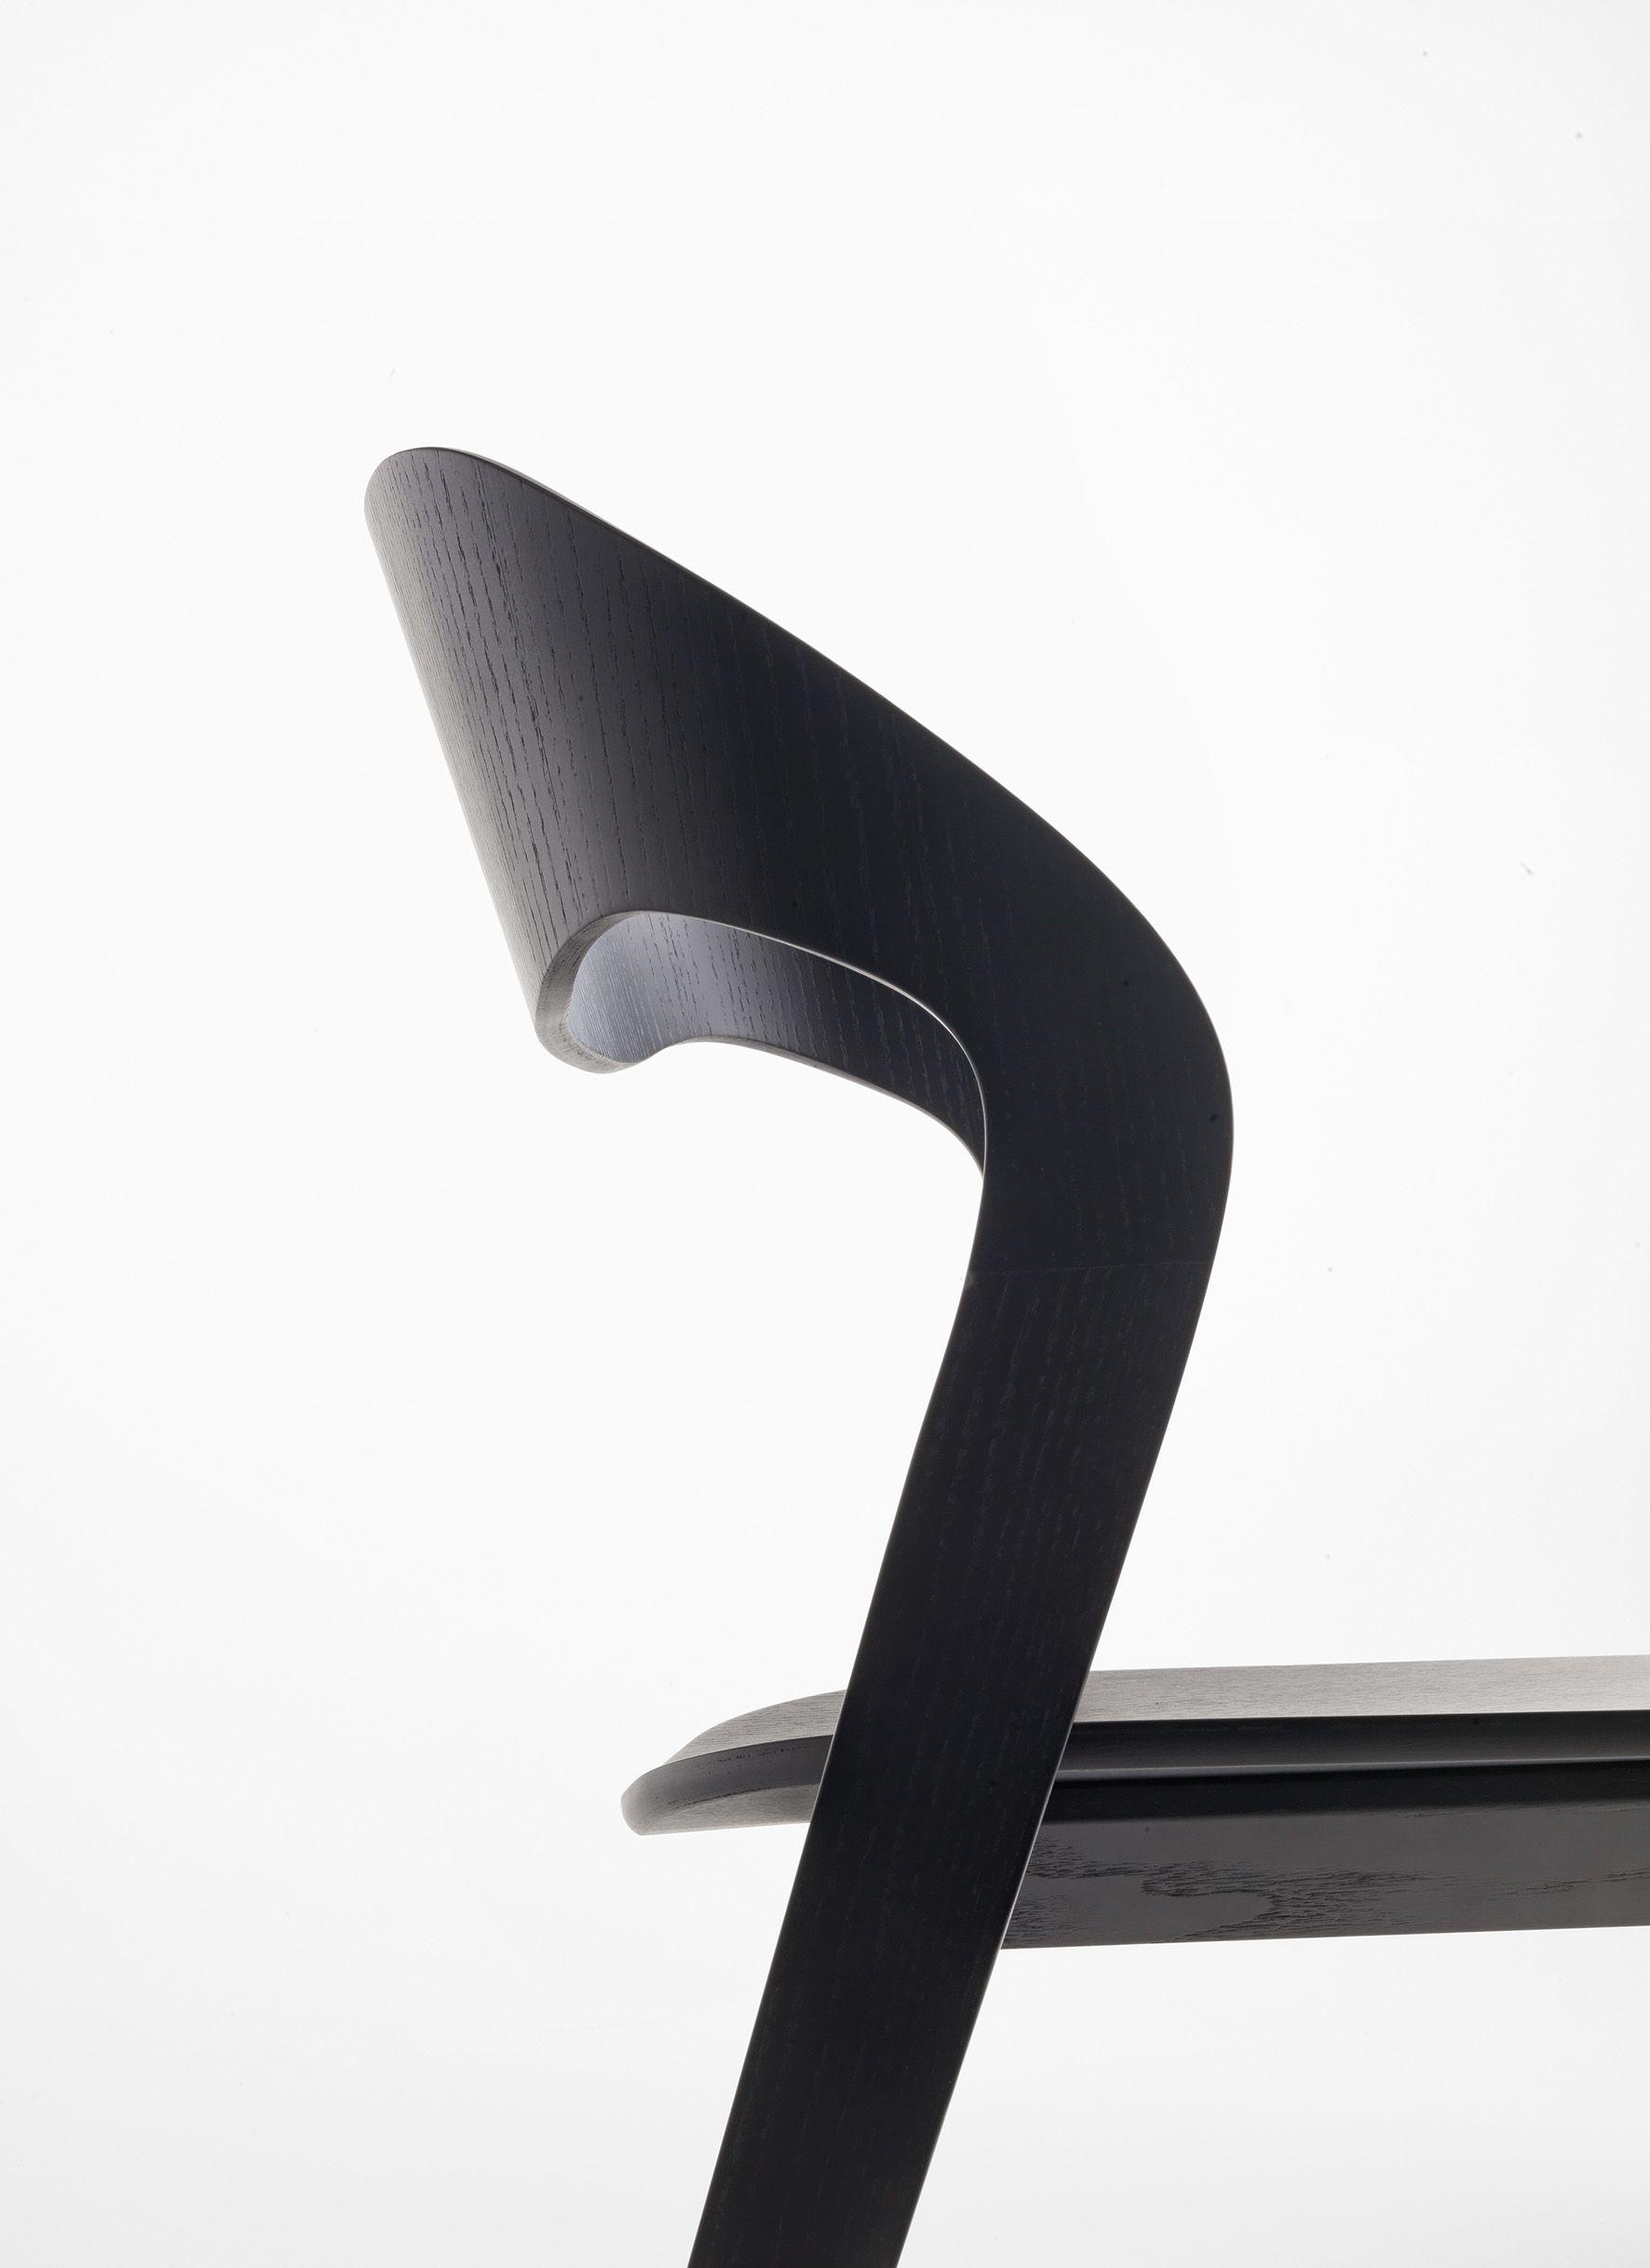 Mixis - design by Mario Ferrarini * Crassevig * visit http://www.crassevig.com/prodotto/113/Mixis